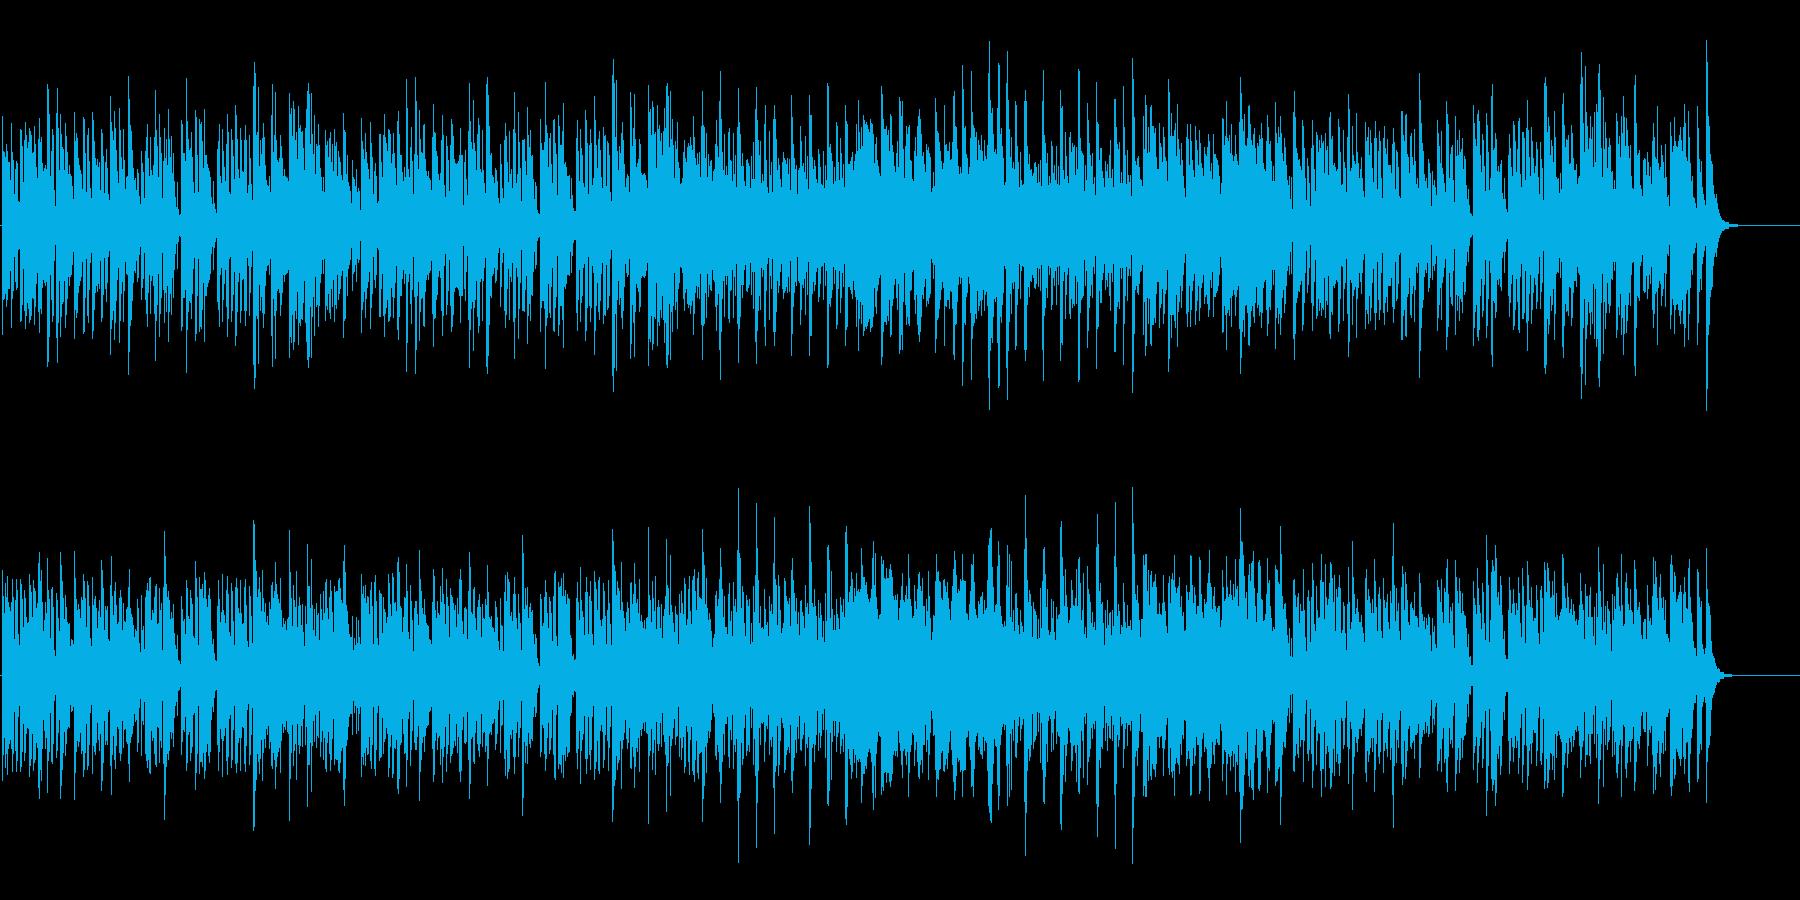 ほのぼのとした開けっぴろげのポップスの再生済みの波形